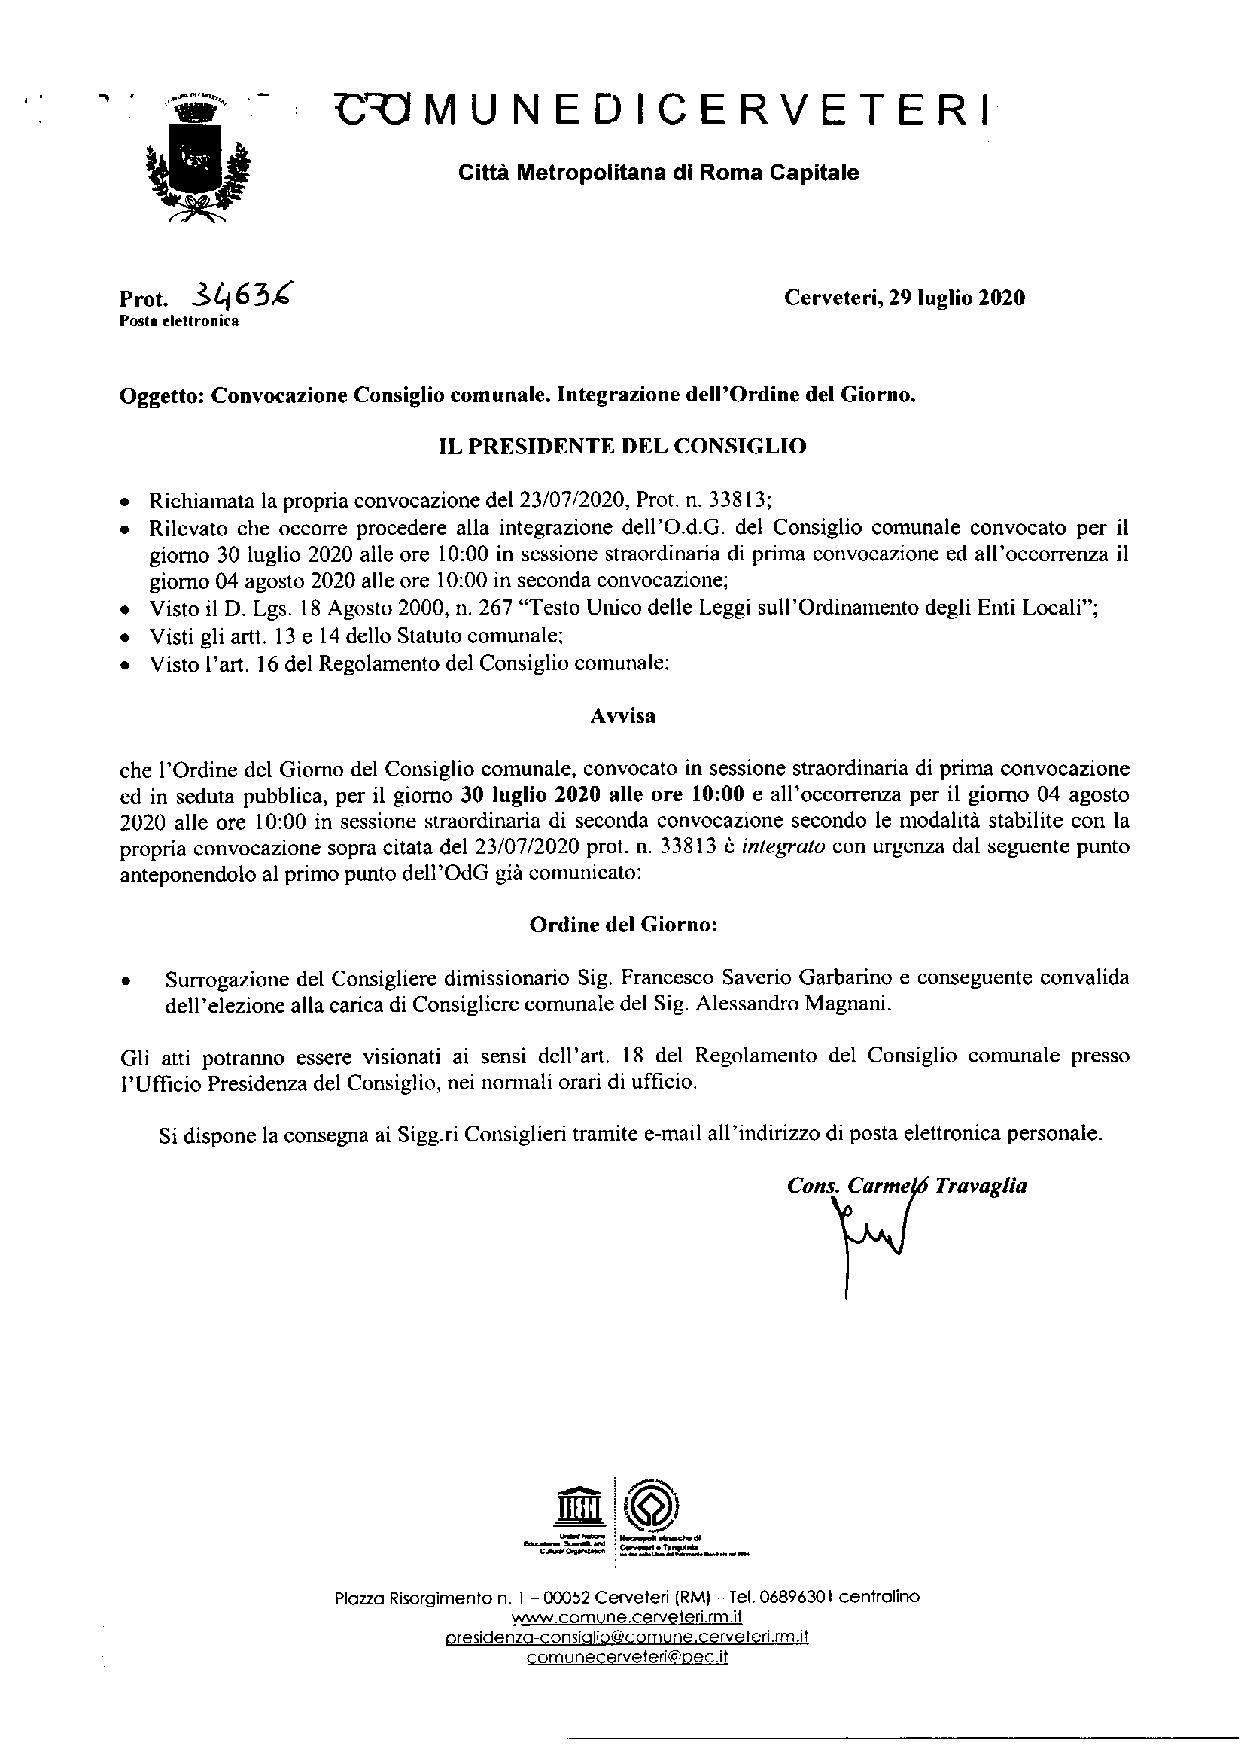 Integrazione Ordine del Giorno Consiglio Comunale del 30/07/2020